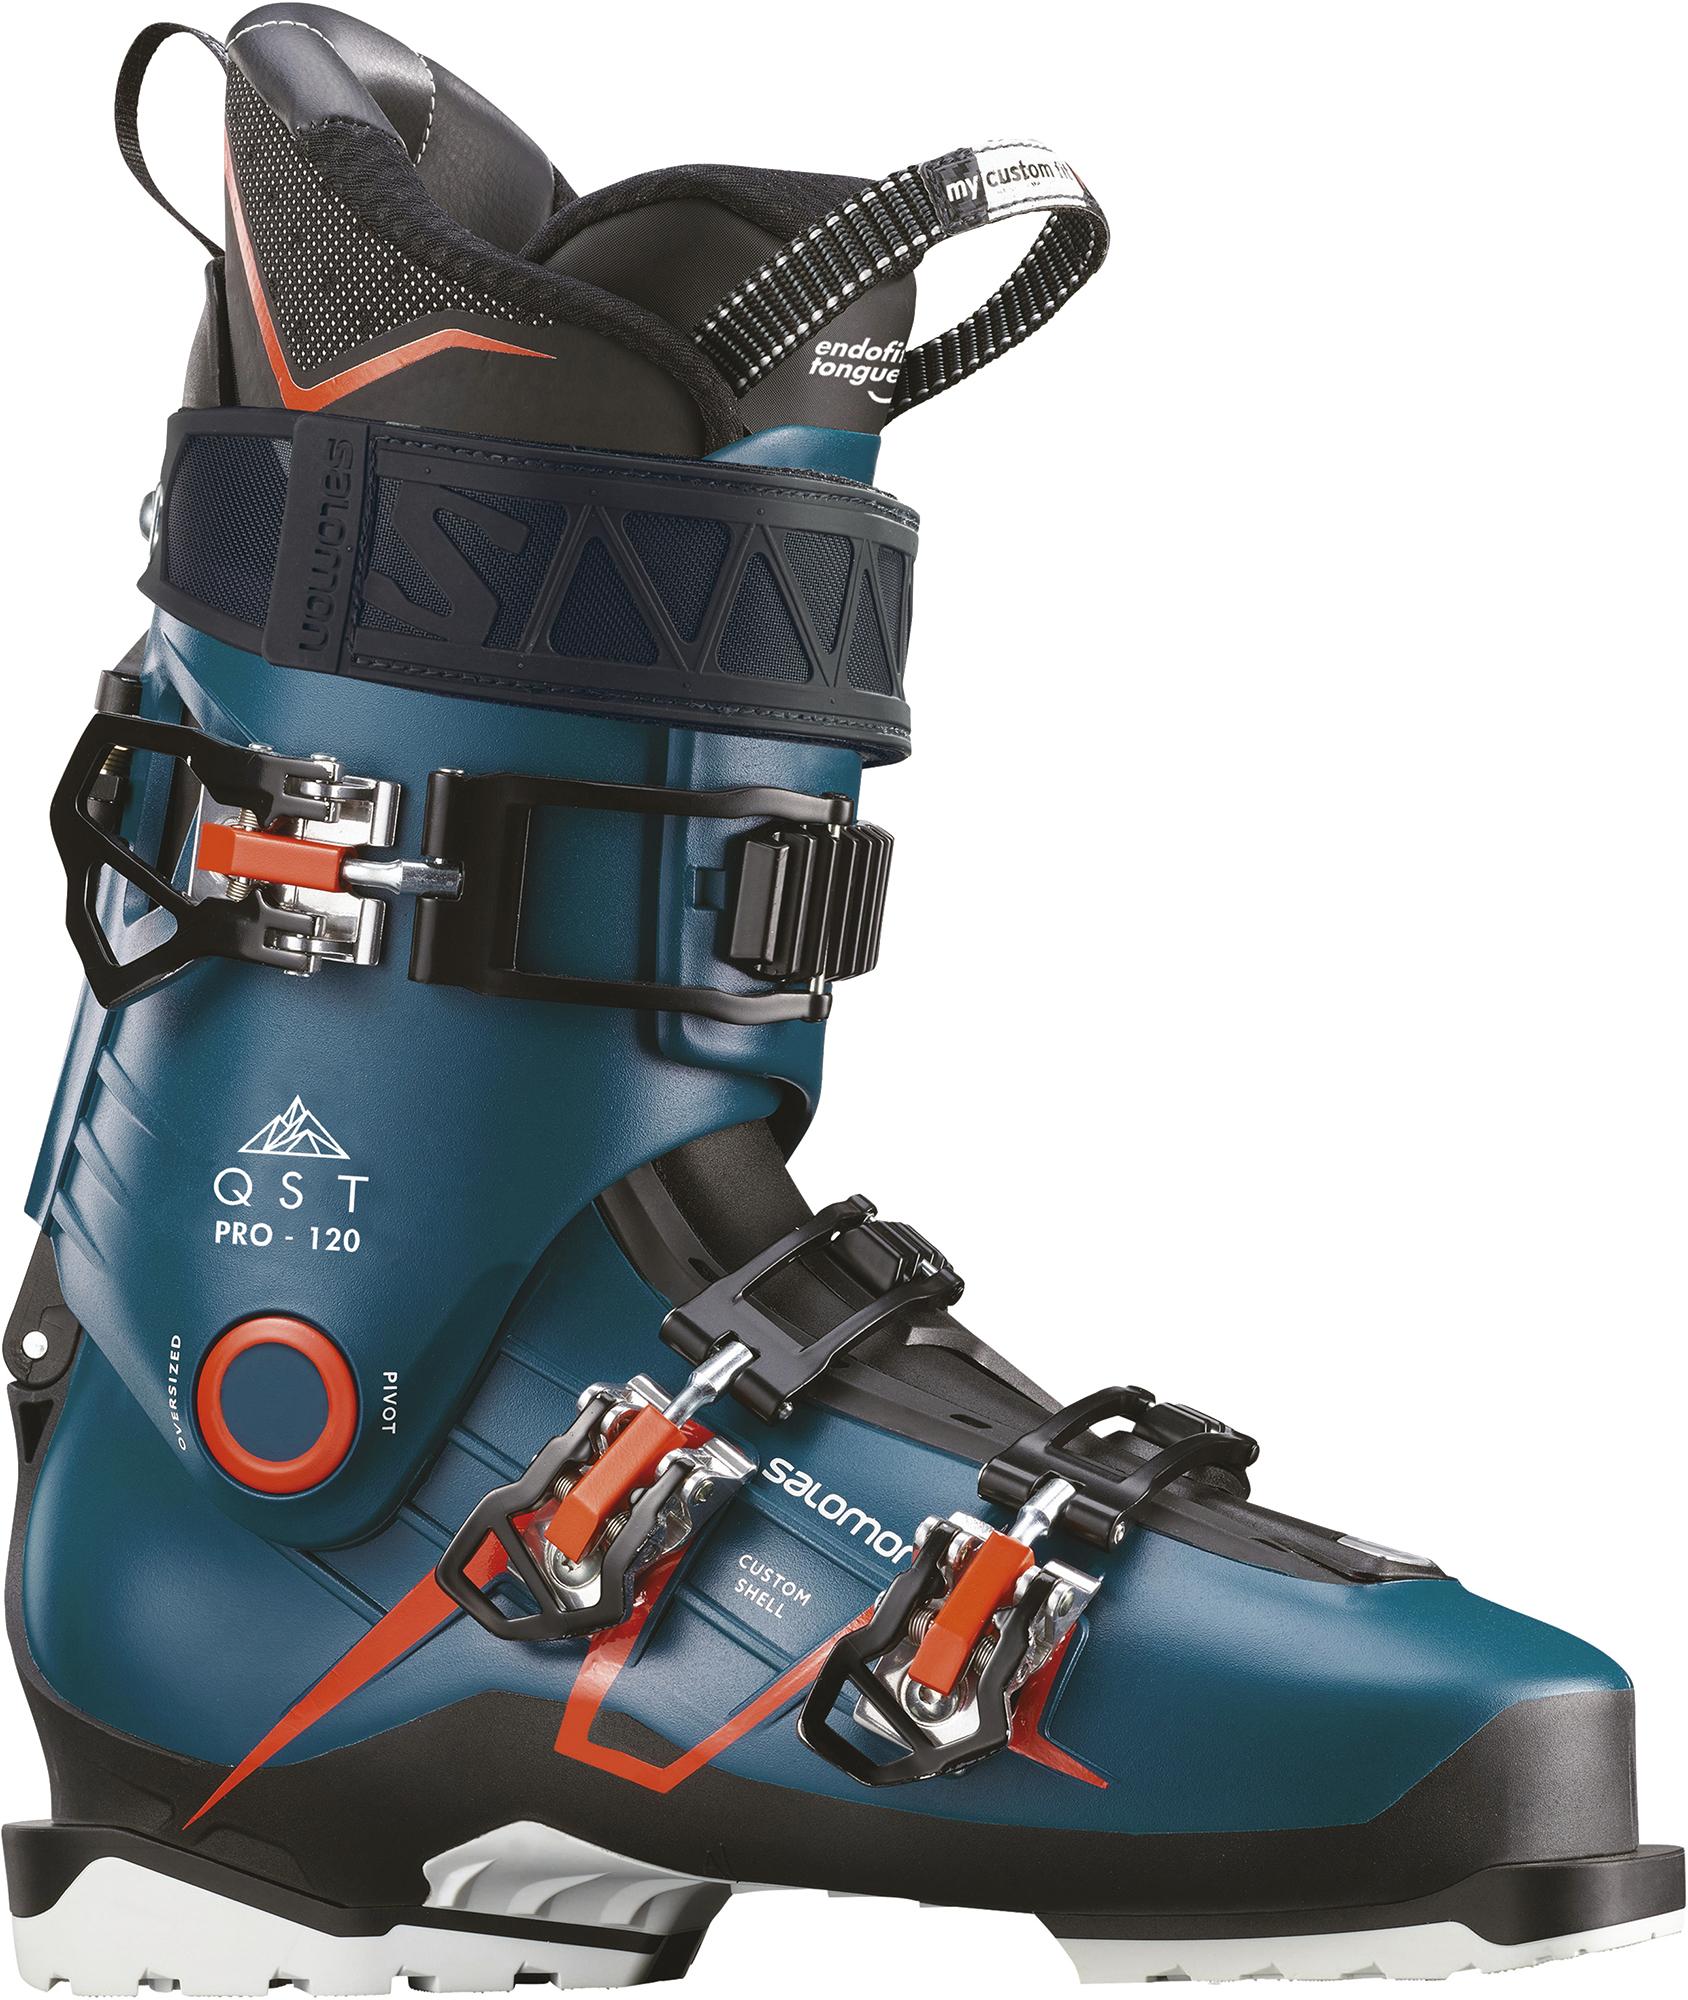 цена Salomon Ботинки горнолыжные Salomon QST PRO 120, размер 44 онлайн в 2017 году